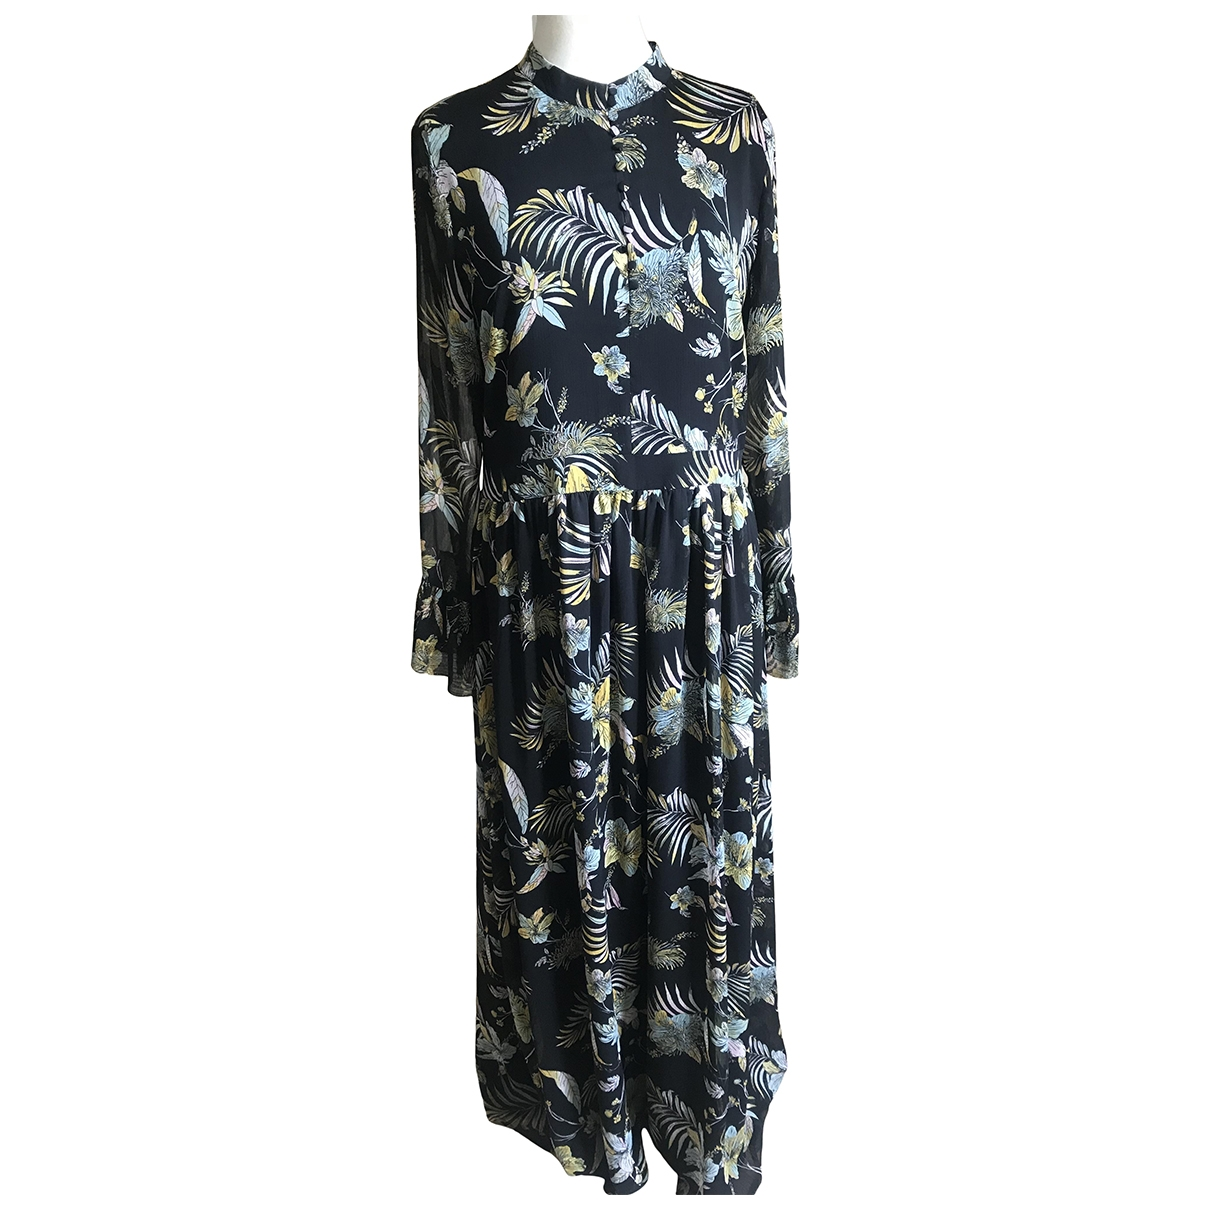 Gestuz \N Kleid in  Schwarz Polyester